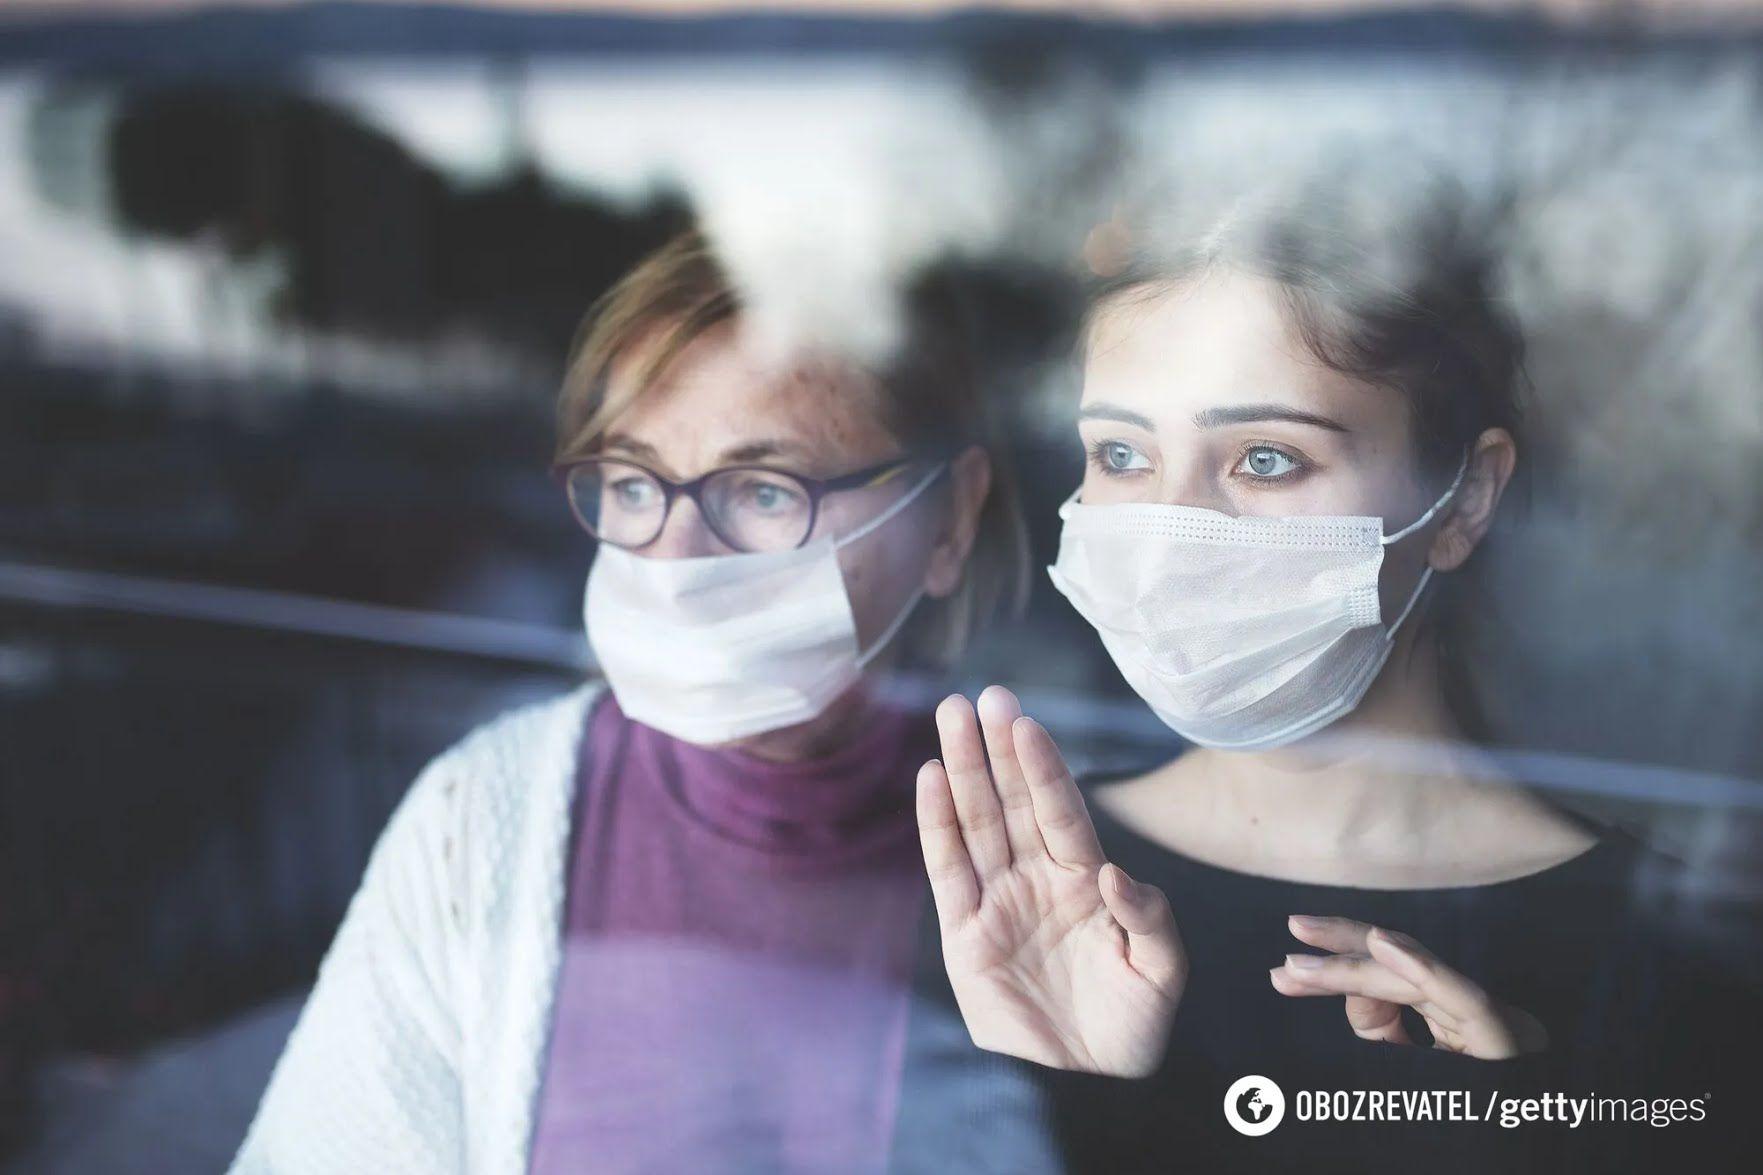 Вчені вважають, що люди, які бояться COVID-19, більш критичні до дій оточення